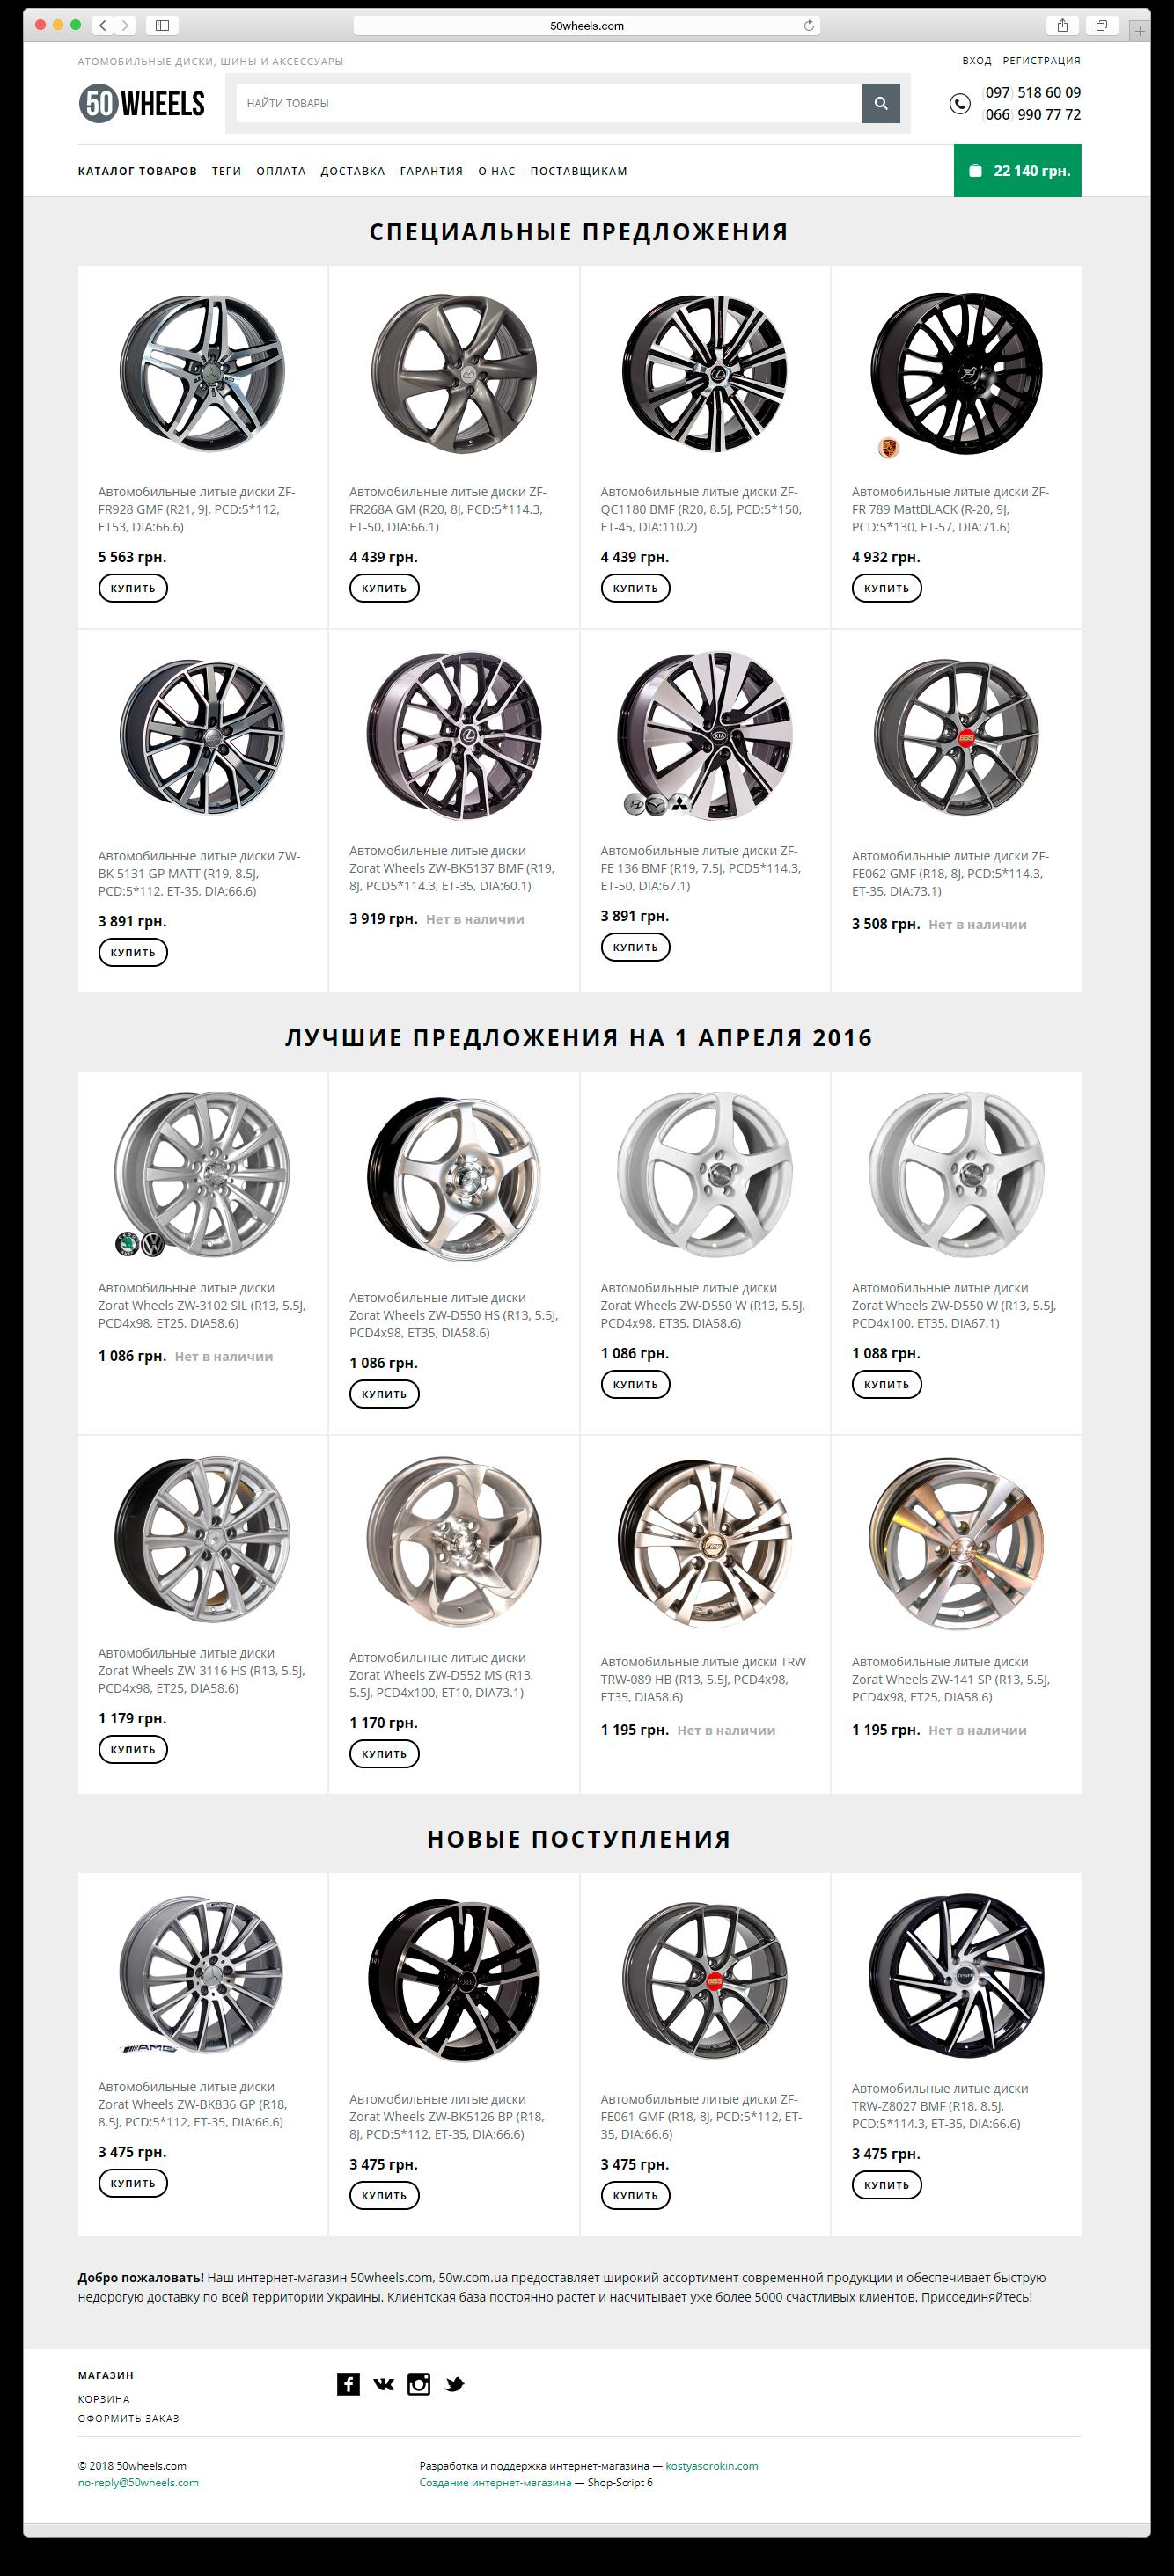 50 wheels — главная страница